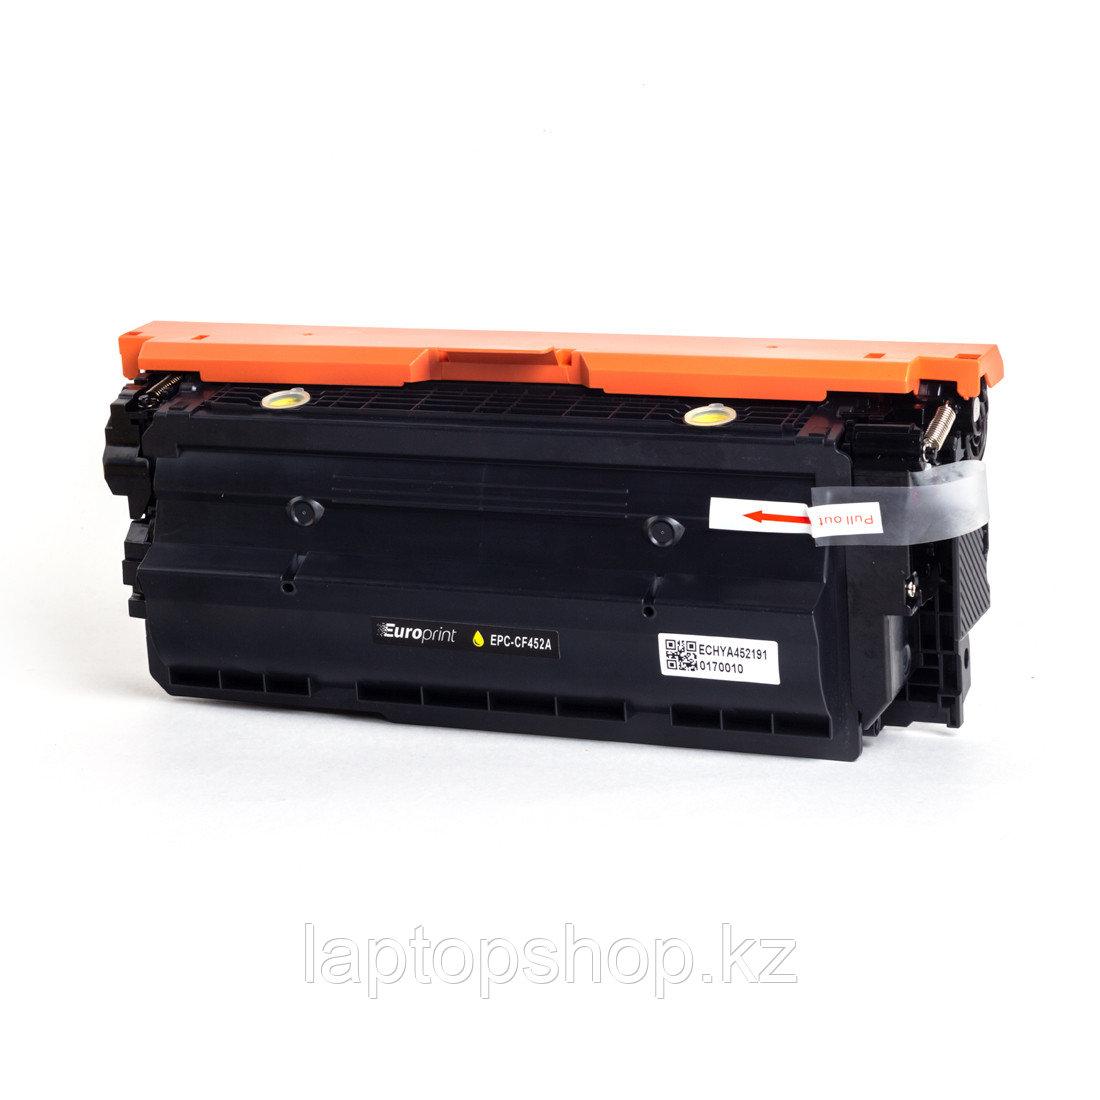 Картридж Europrint EPC-CF452A